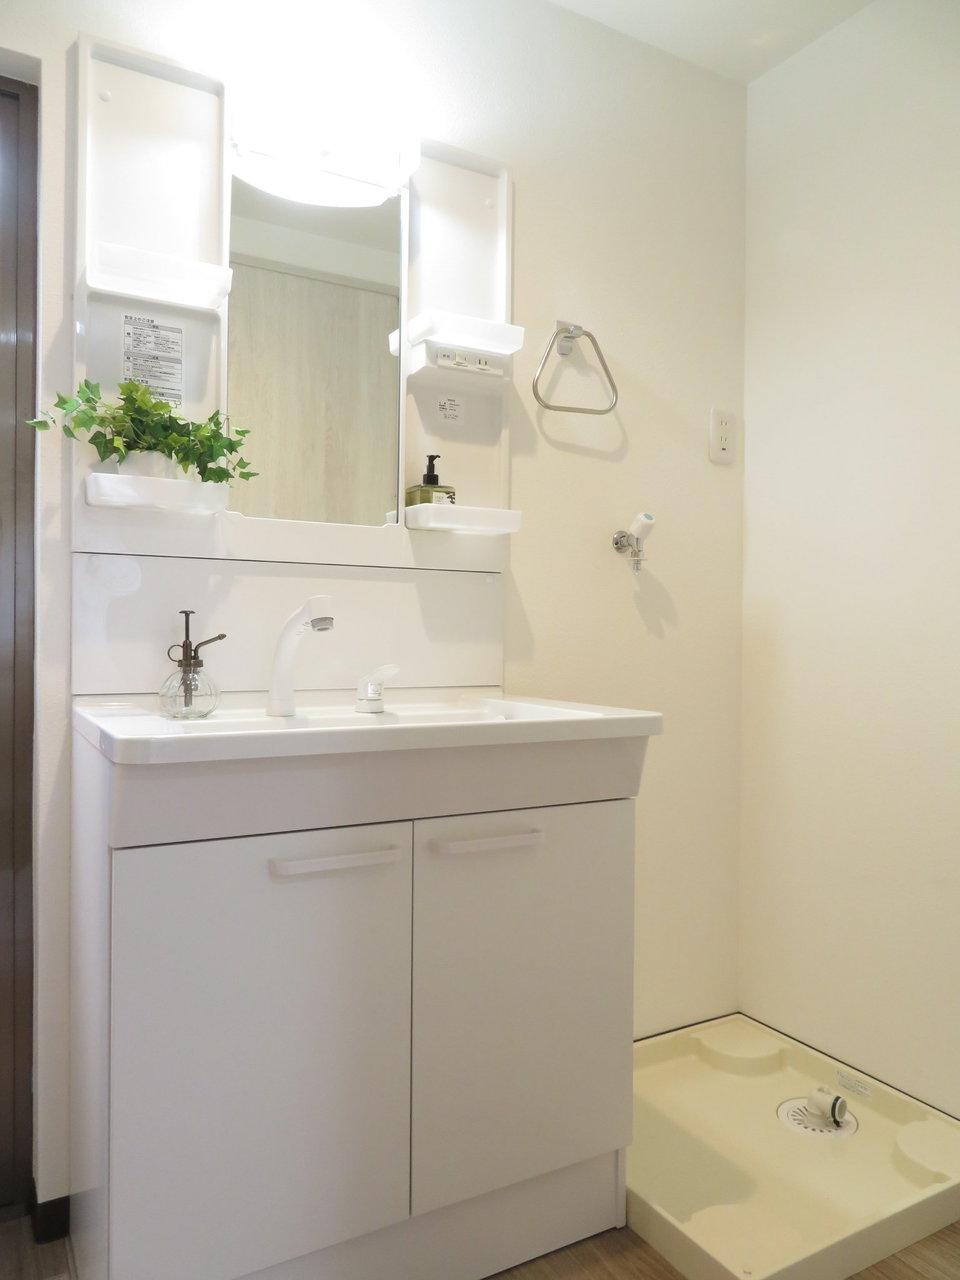 奥は水回りスペース。洗面台やお風呂などは新品です。浴室乾燥機や追い炊き機能もついているので、設備としてはまったく問題なしです。